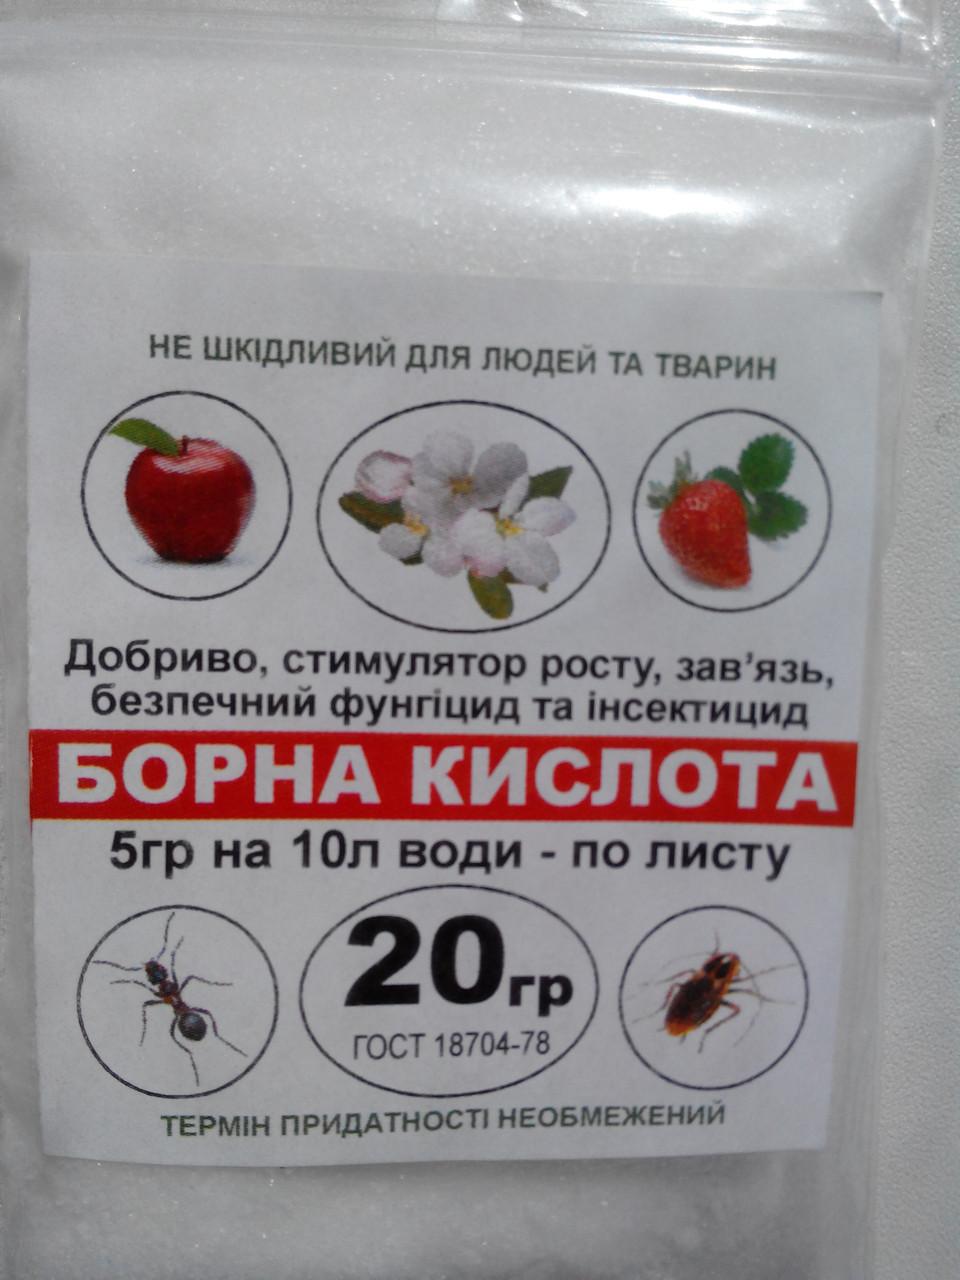 Борная кислота 17,5% (борна кислота) 20г (50шт/уп) - ТЕКС-МАСТЕР в Черкассах